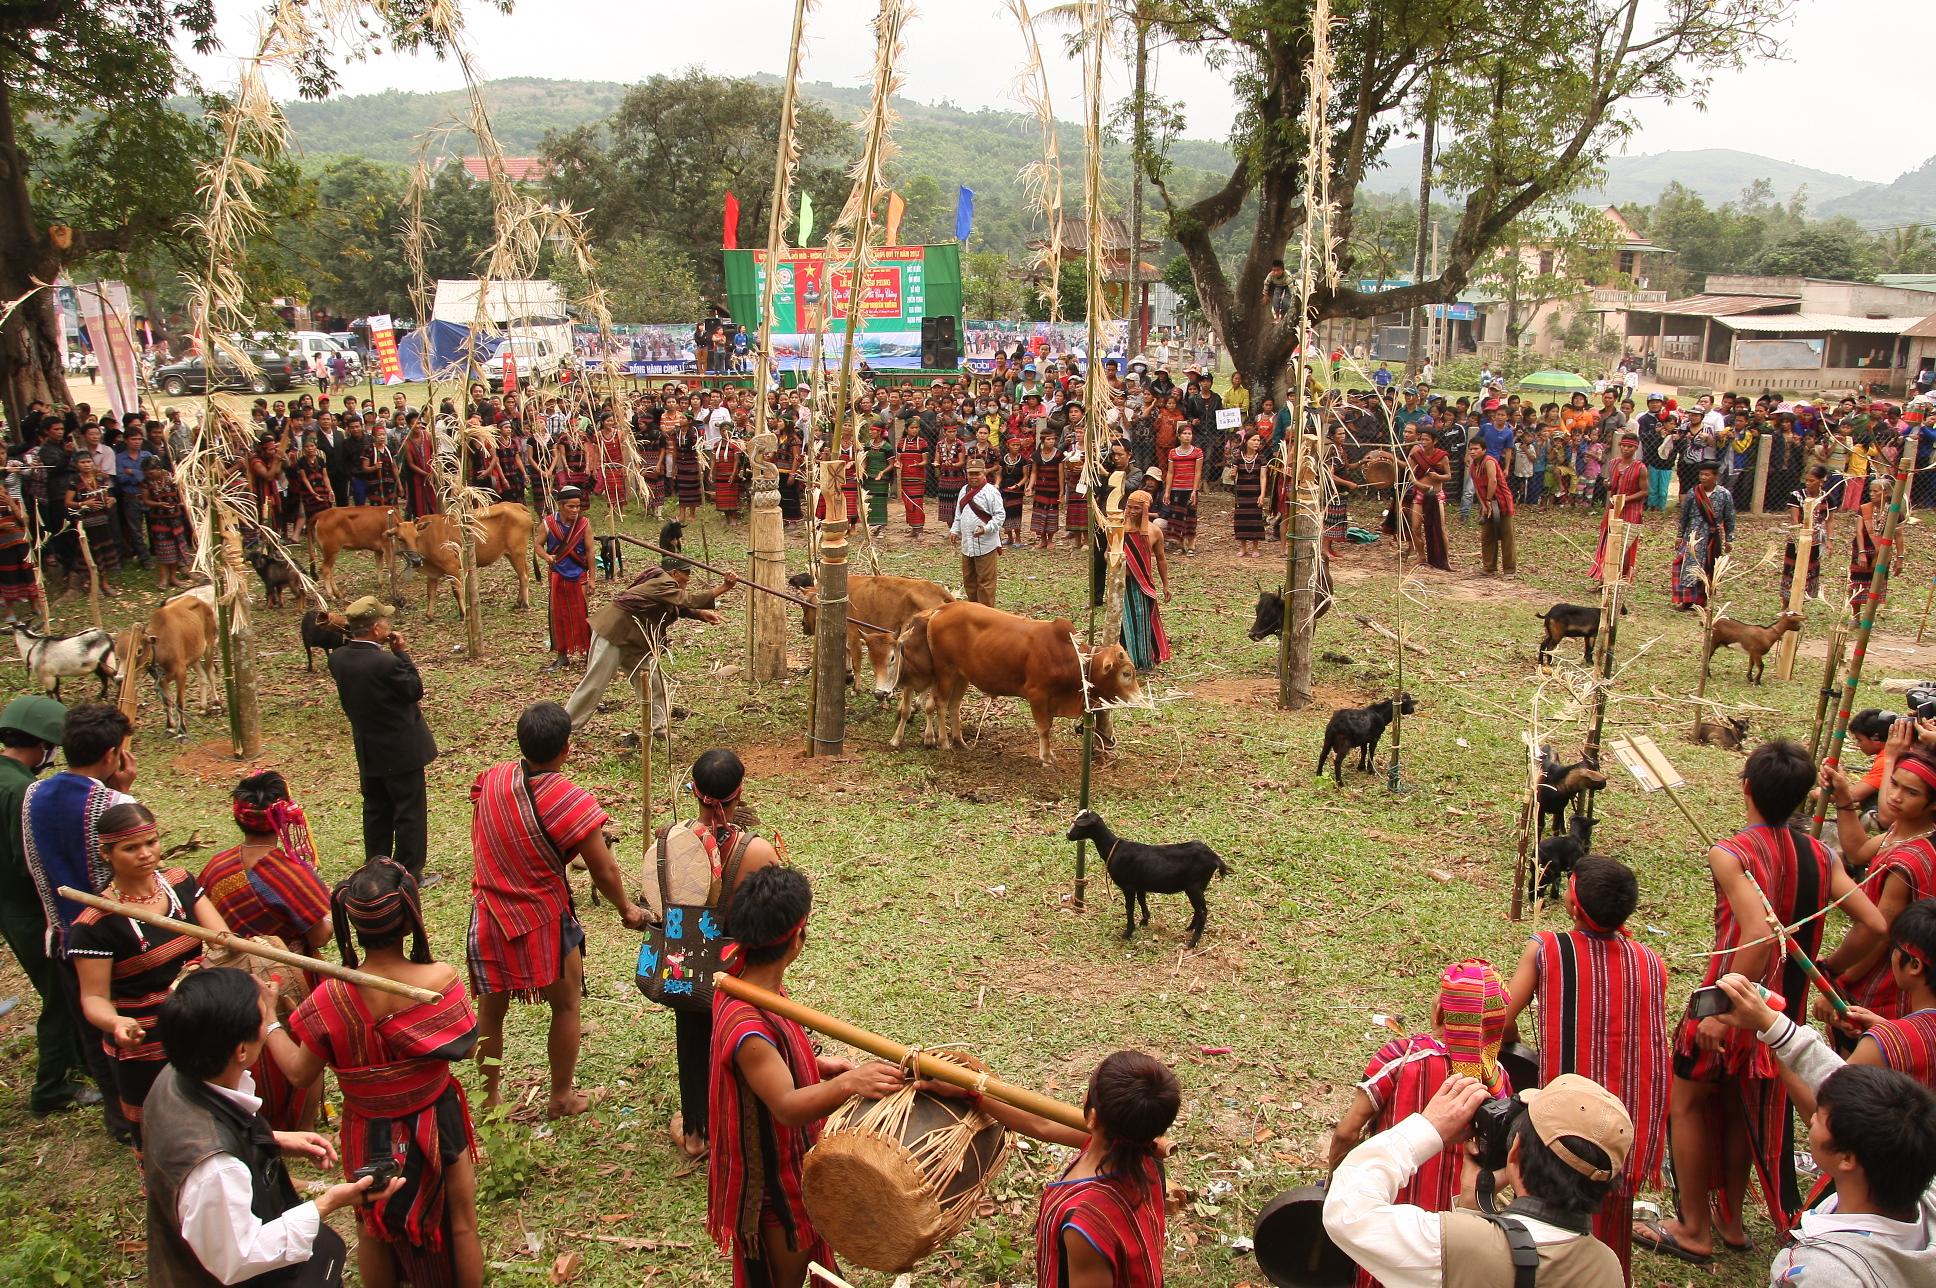 Une grande festivité au Vietnam (Arieu Ping)